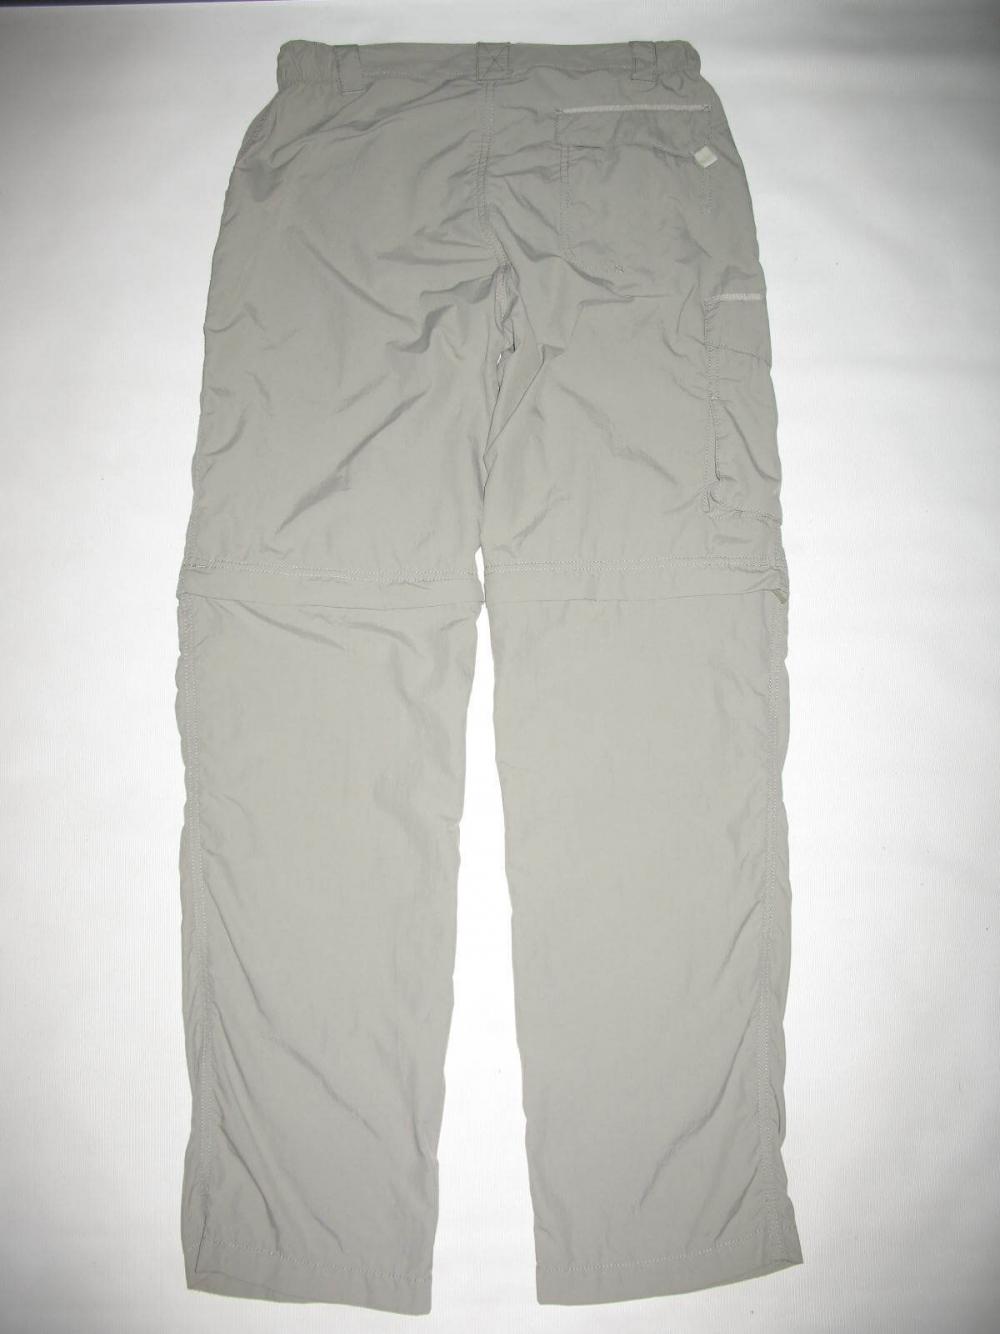 Штаны SALEWA newport dry 2in1 pants (размер 48/M) - 2